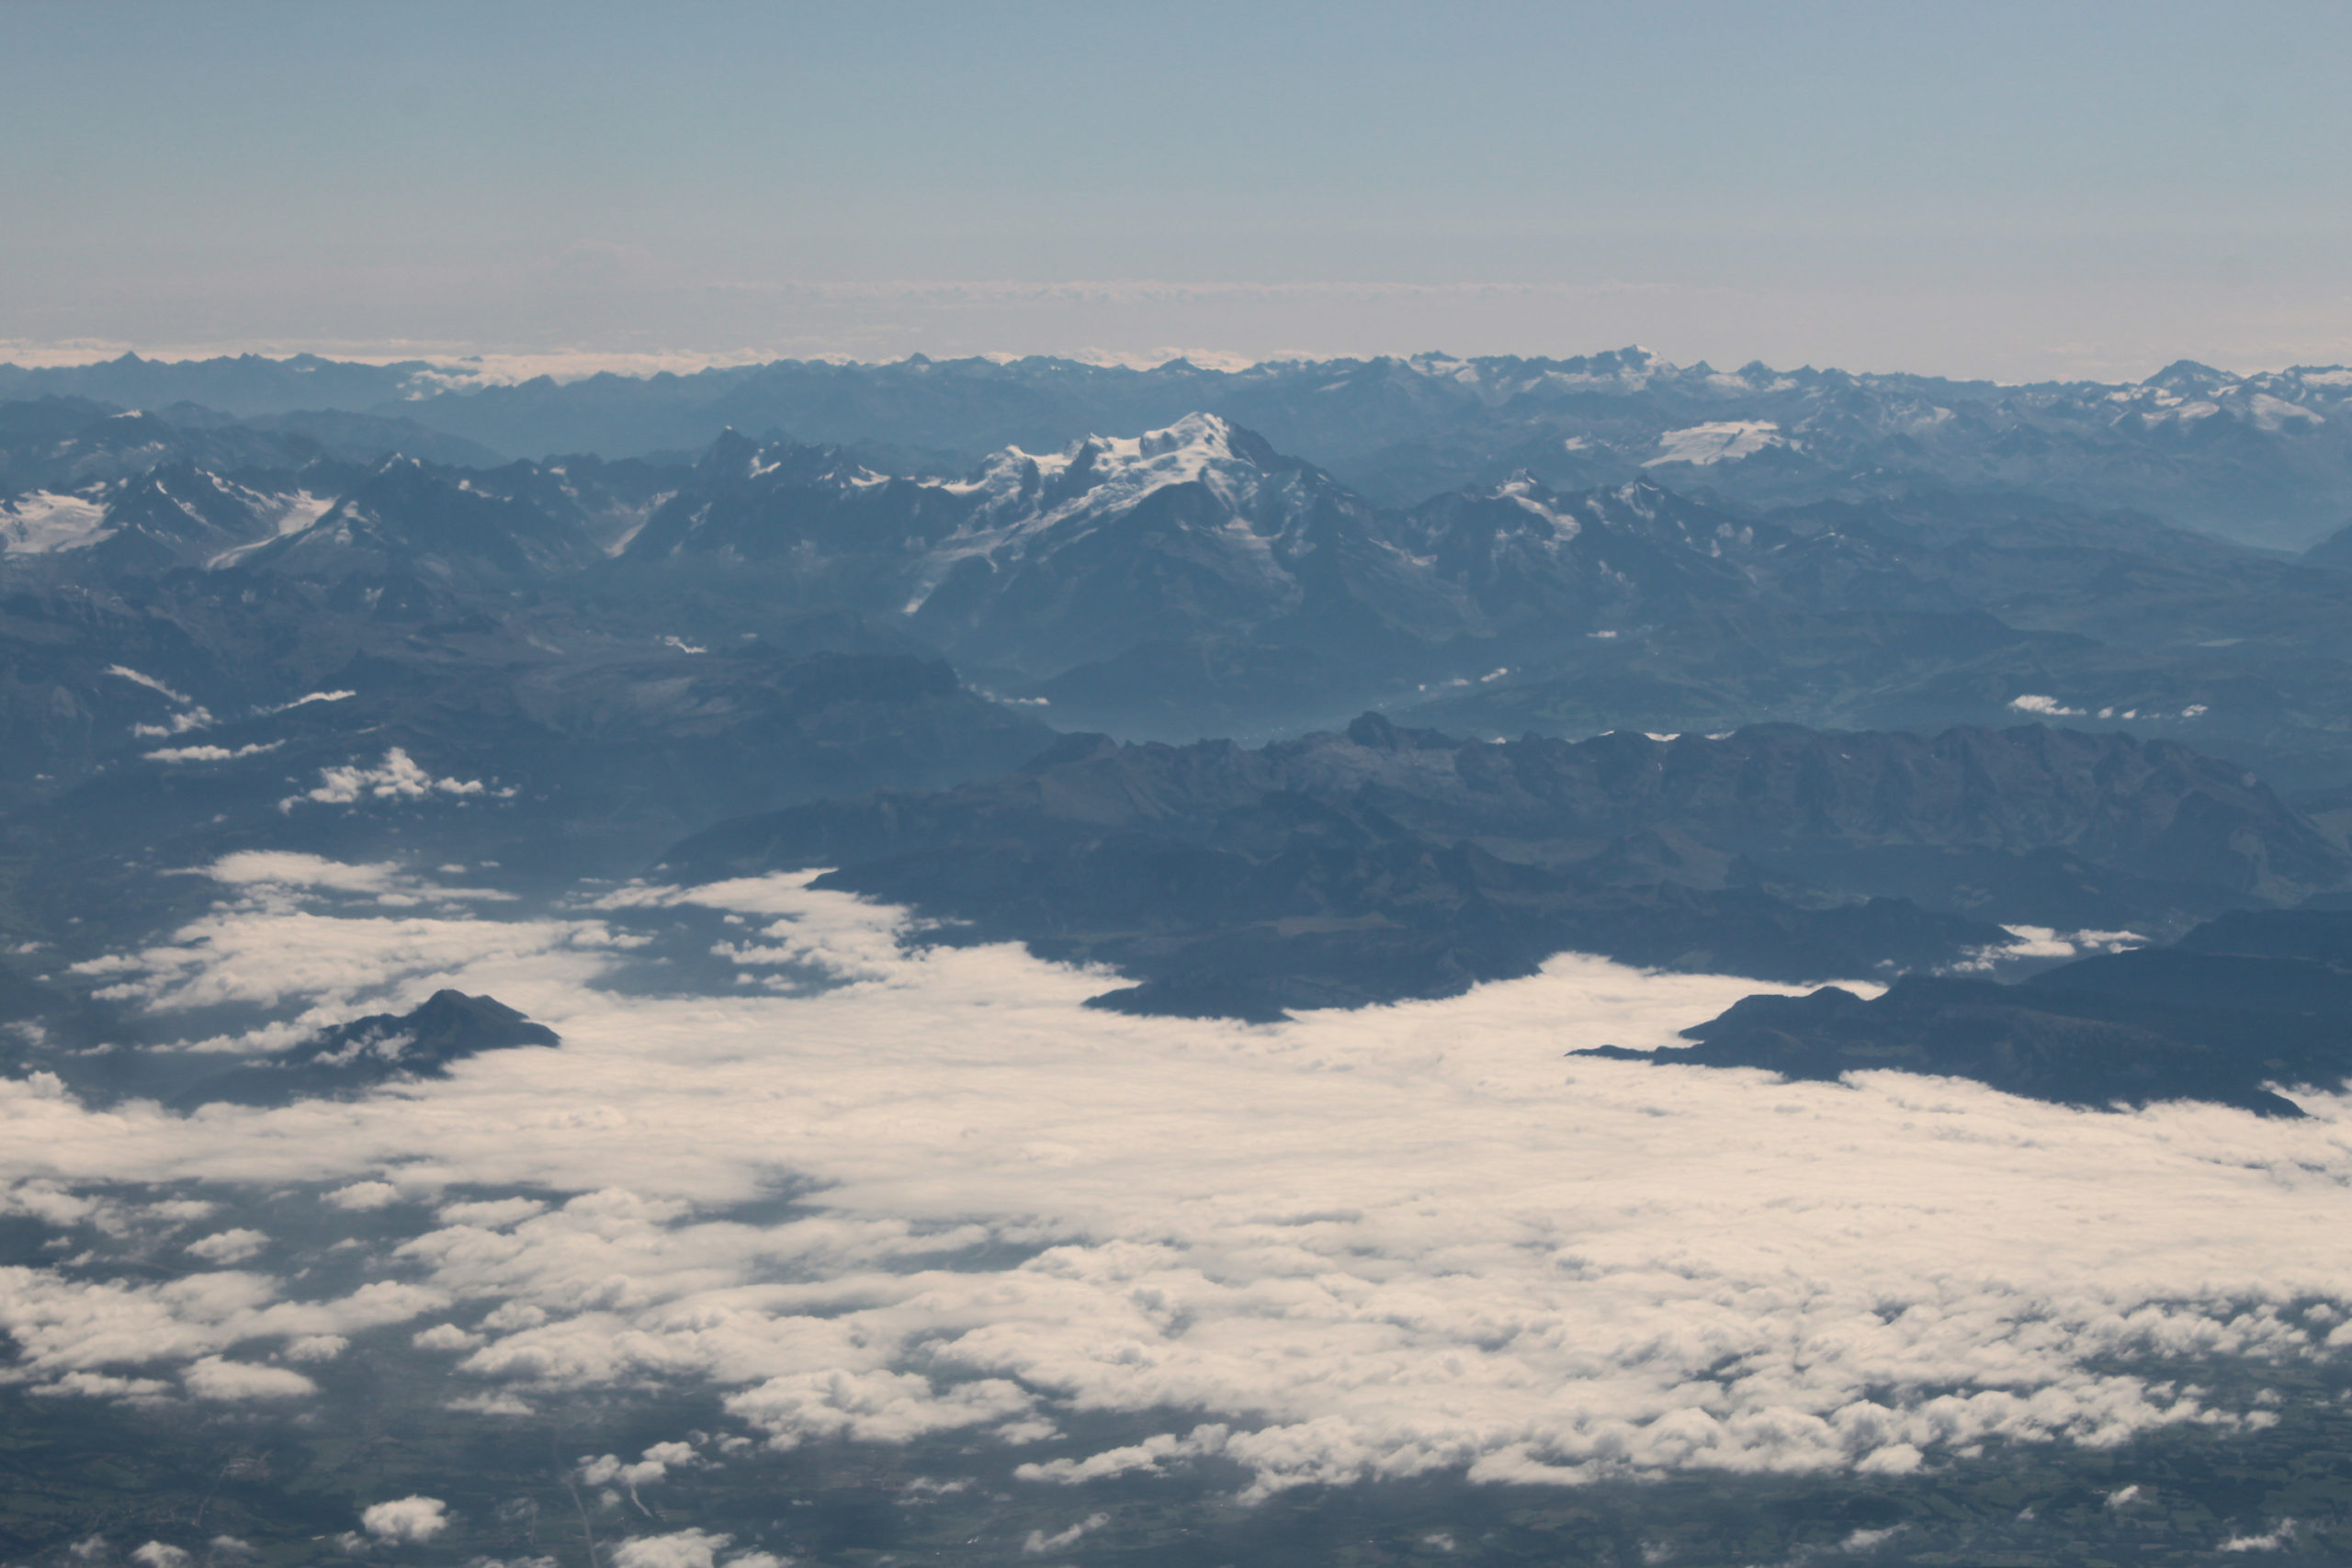 podróż do madery góry z okna samolotu